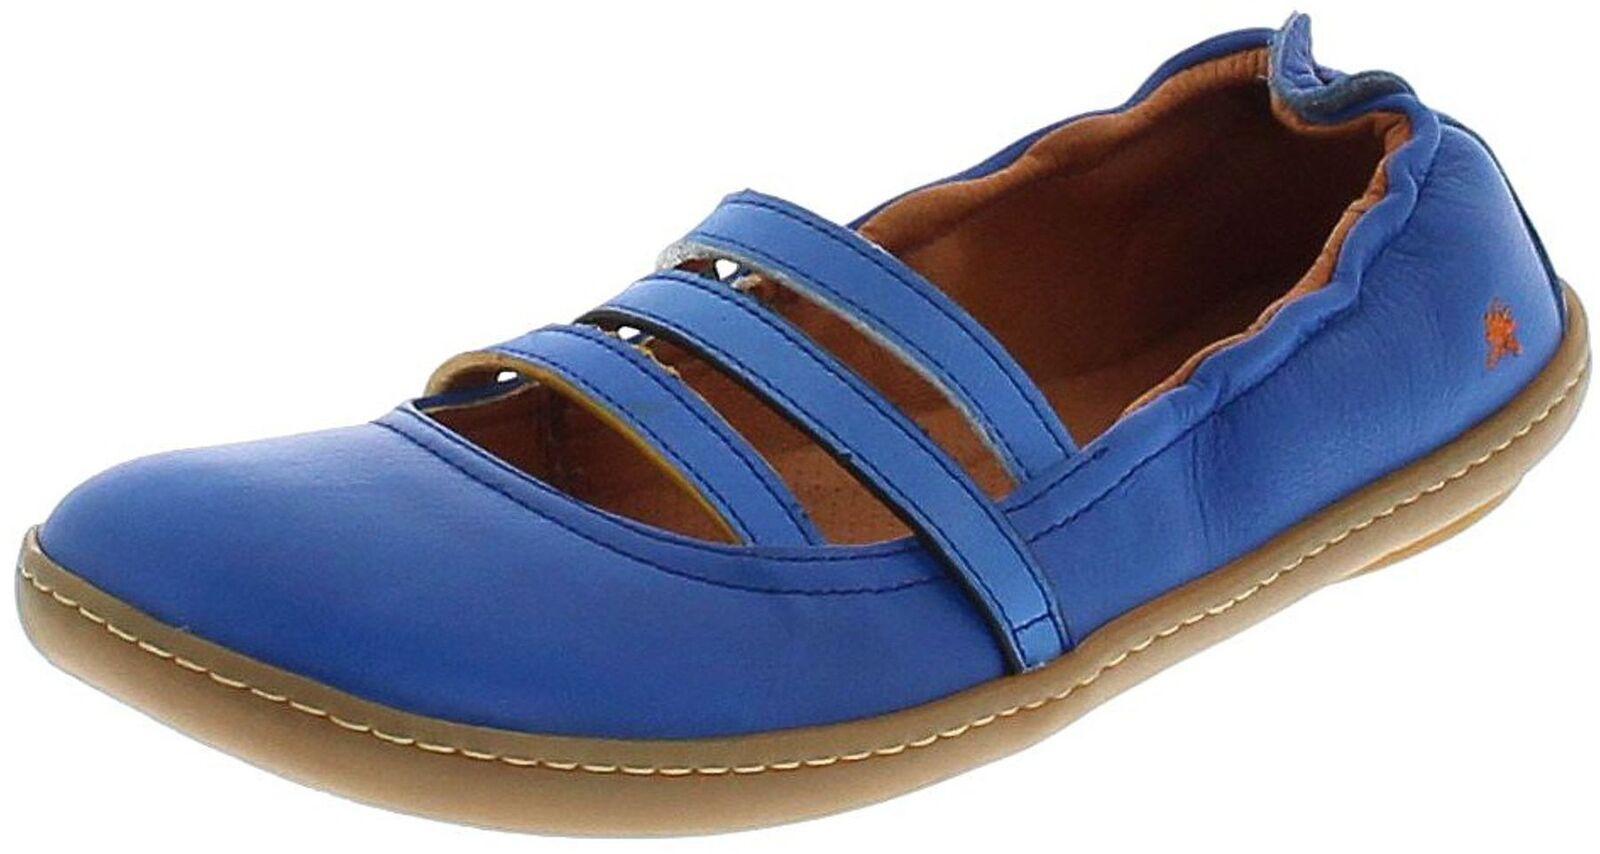 Art 1291 KIO Sea Ballerinas für Damen Blau Lederschuhe  | Hohe Qualität und geringer Aufwand